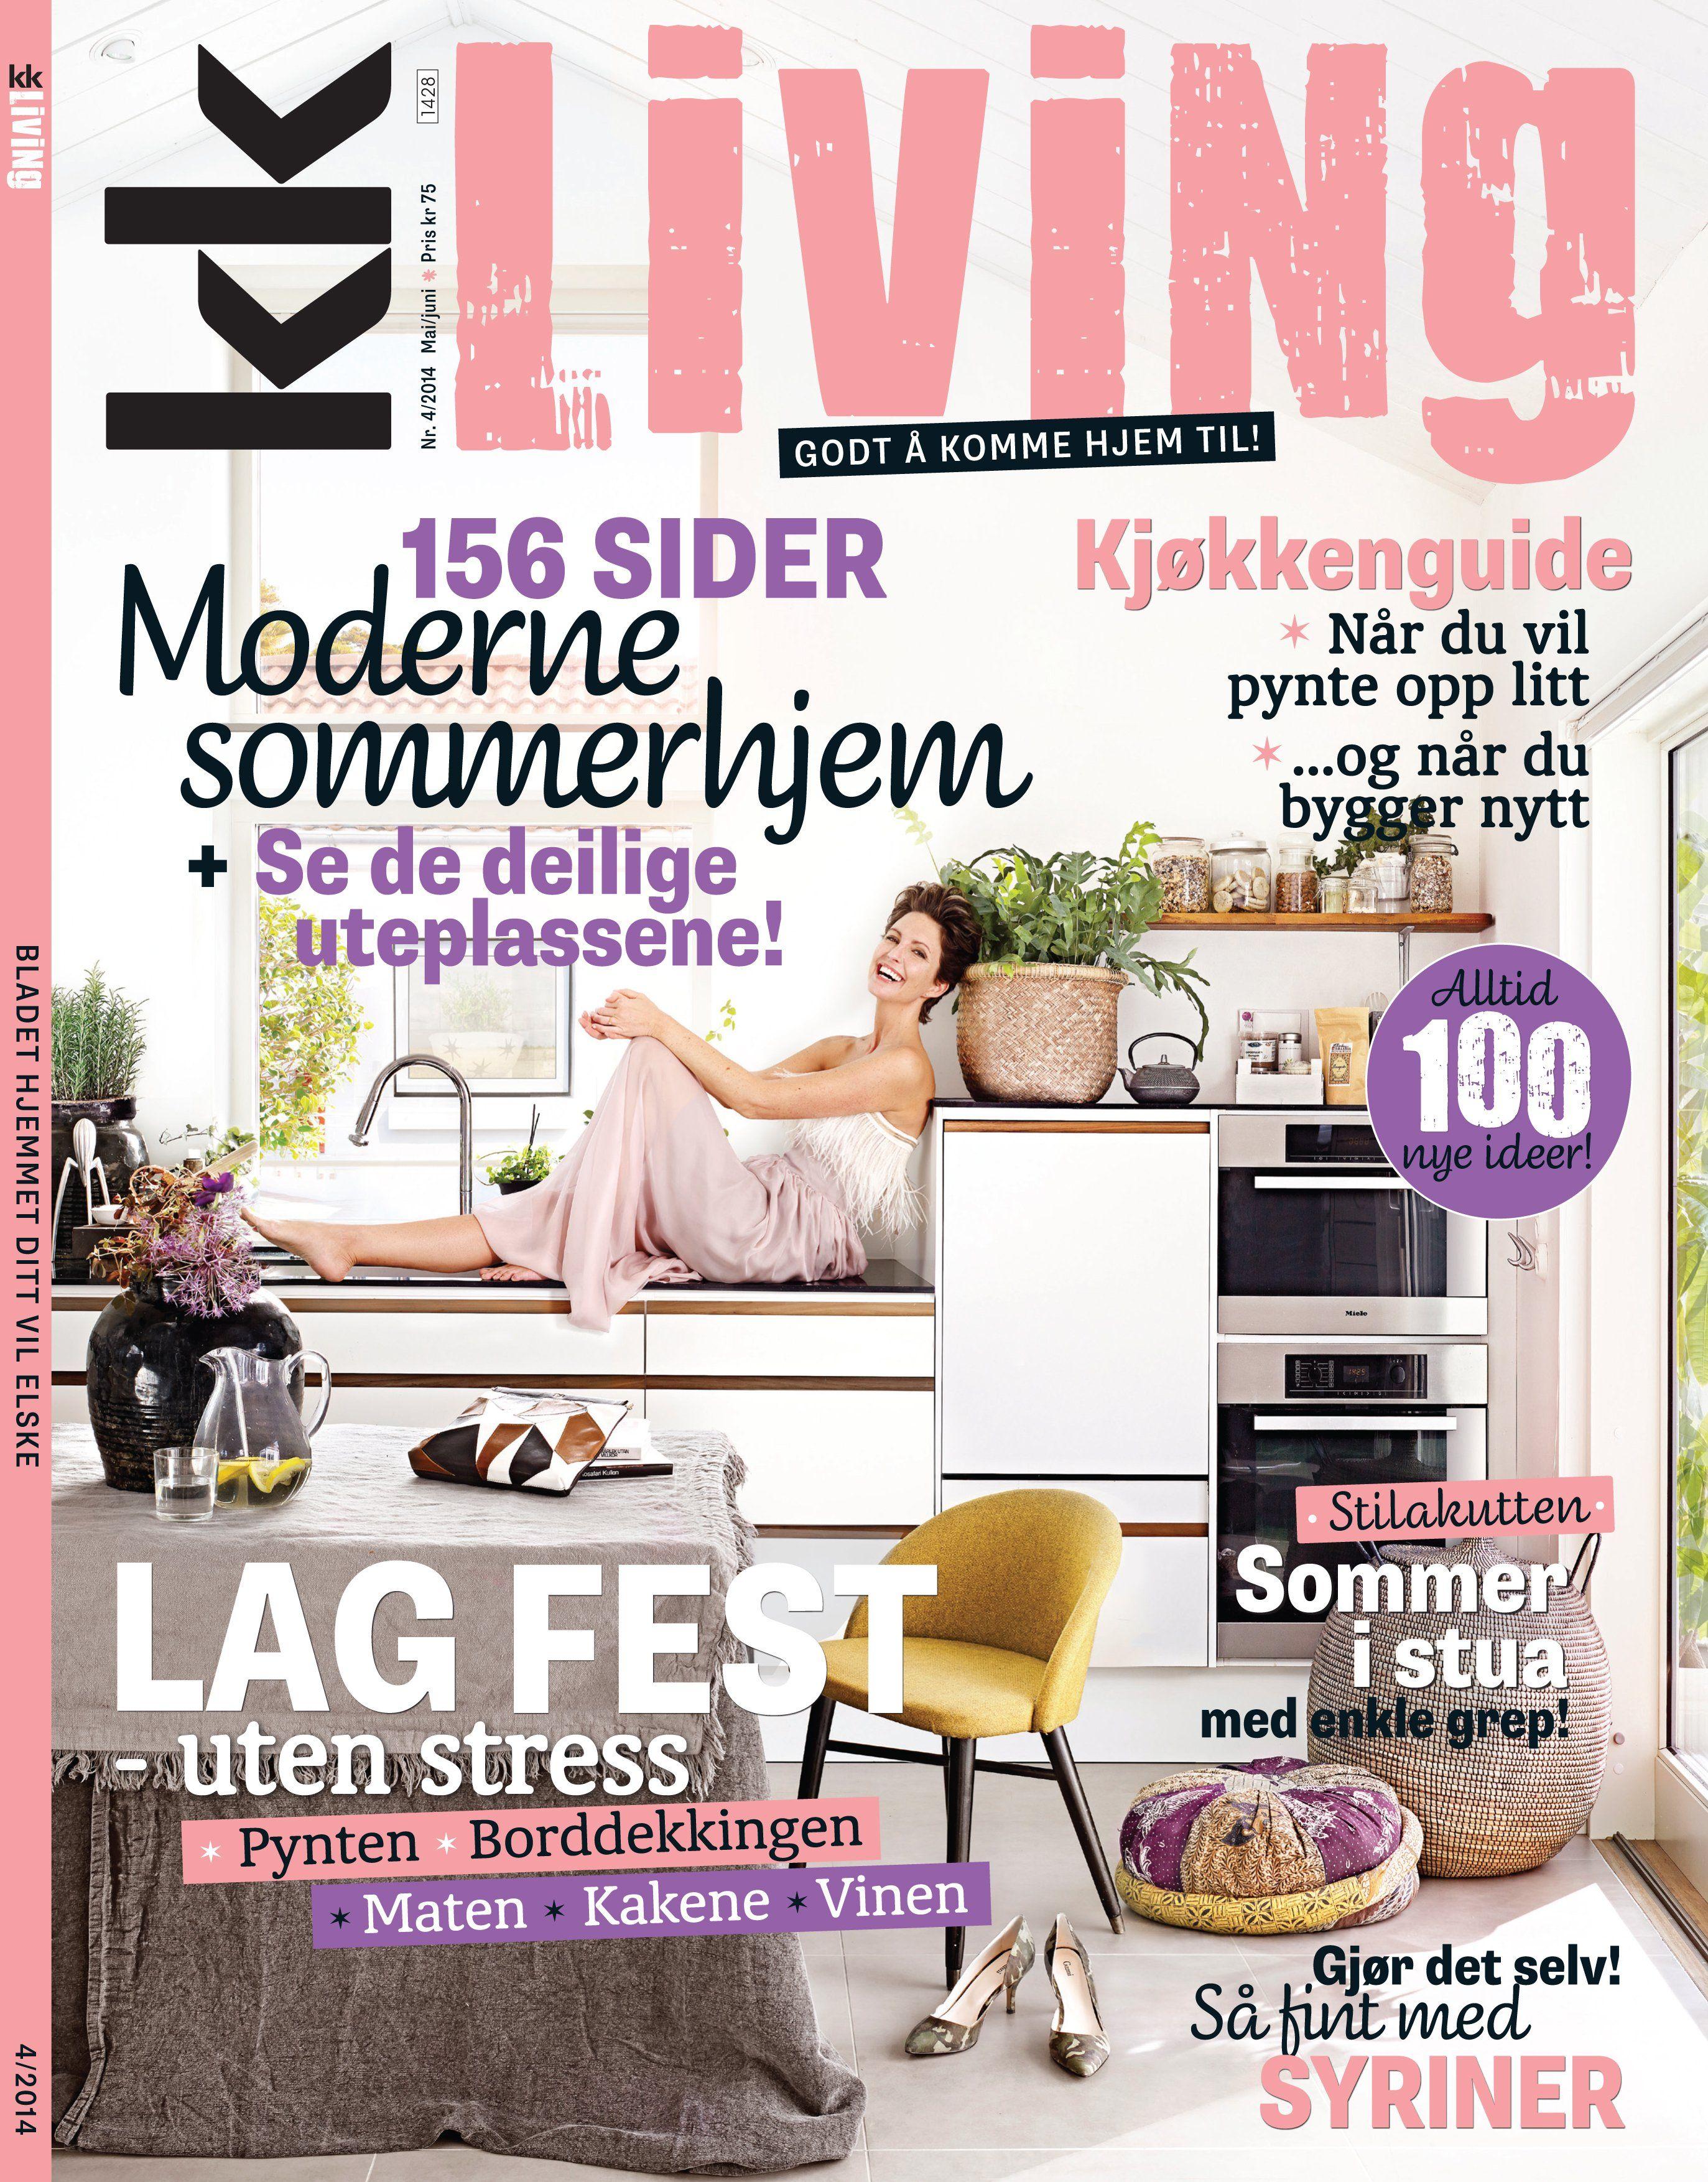 KK Living #4 2014